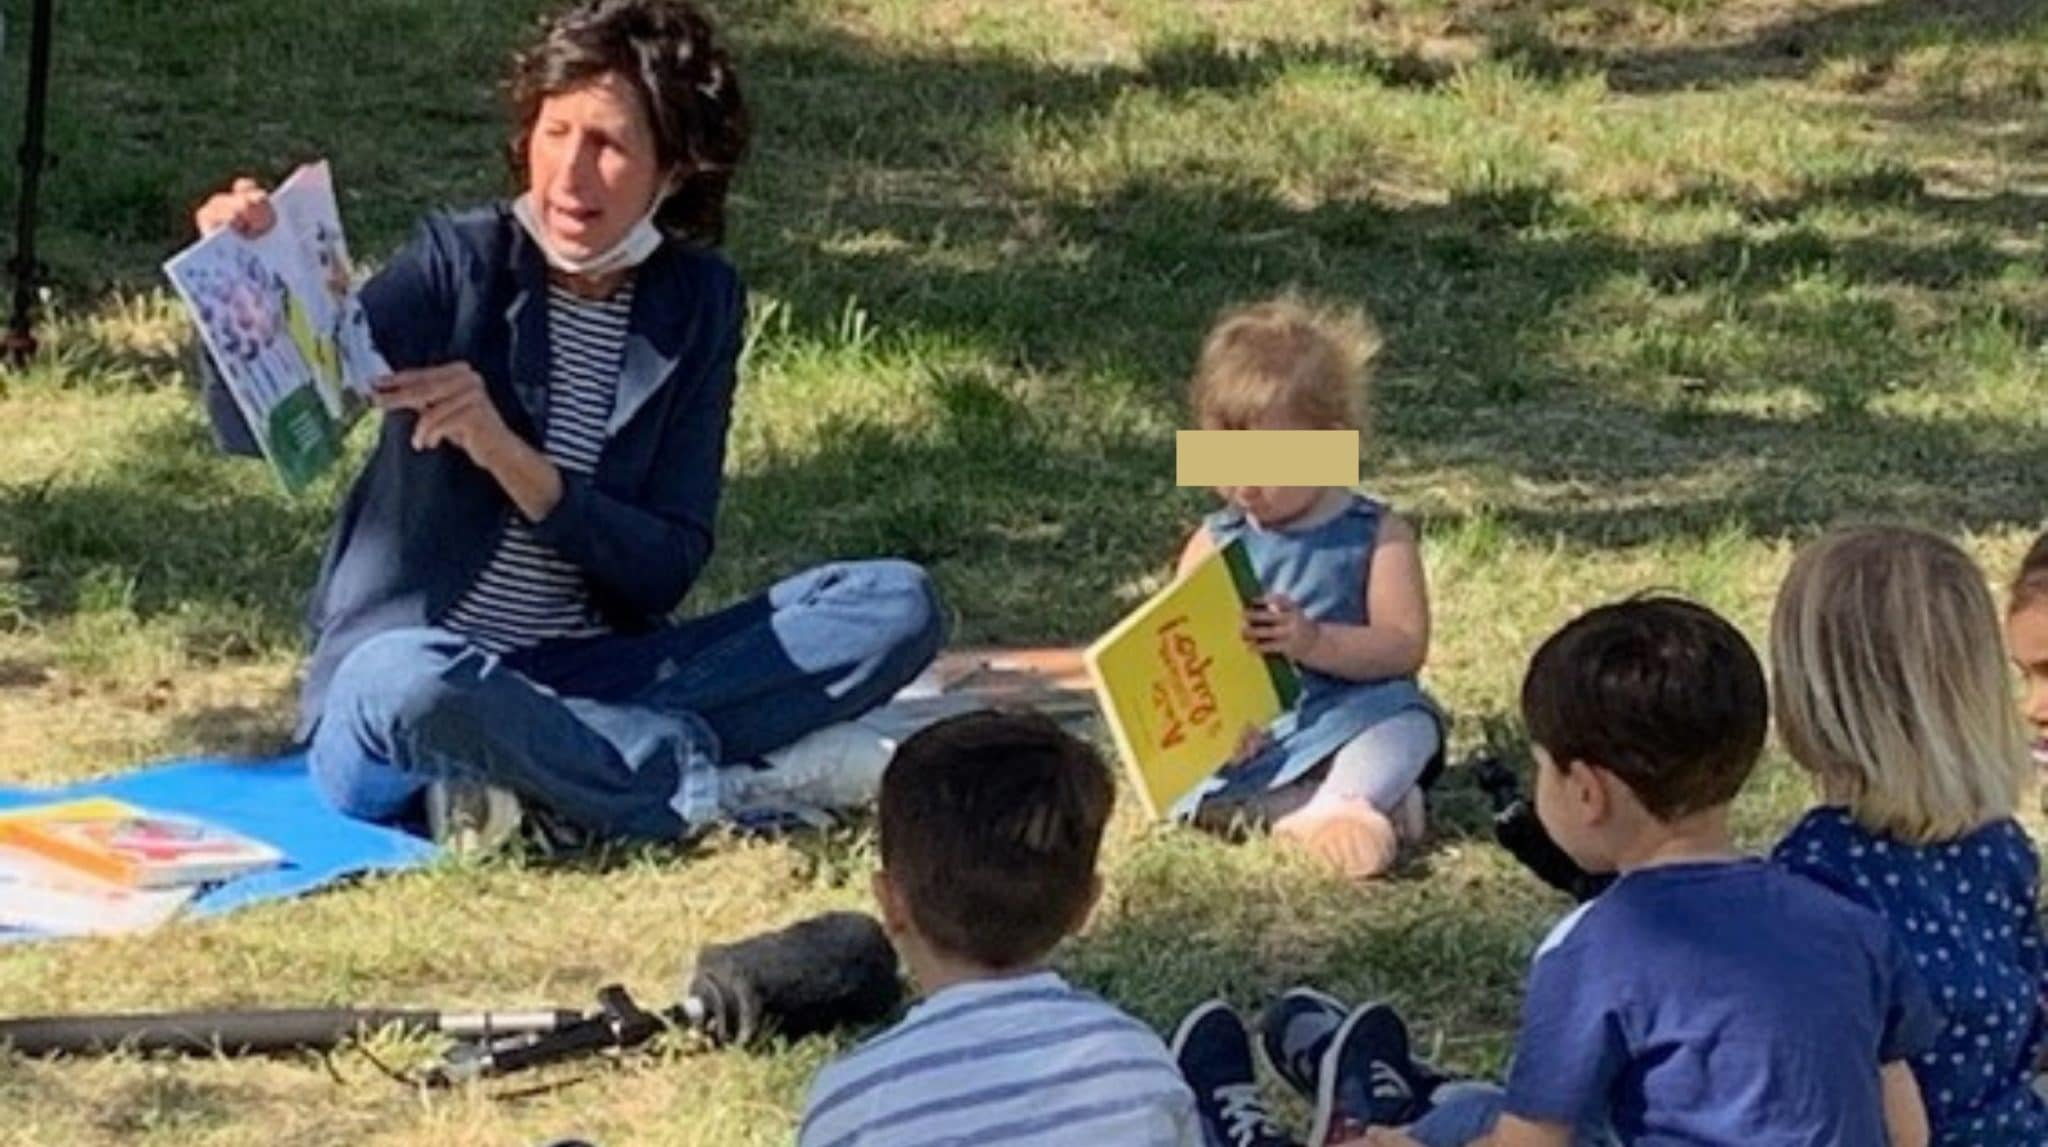 Viva la maestra di Prato che ha portato i suoi bambini al parco. E chi la critica è ottuso